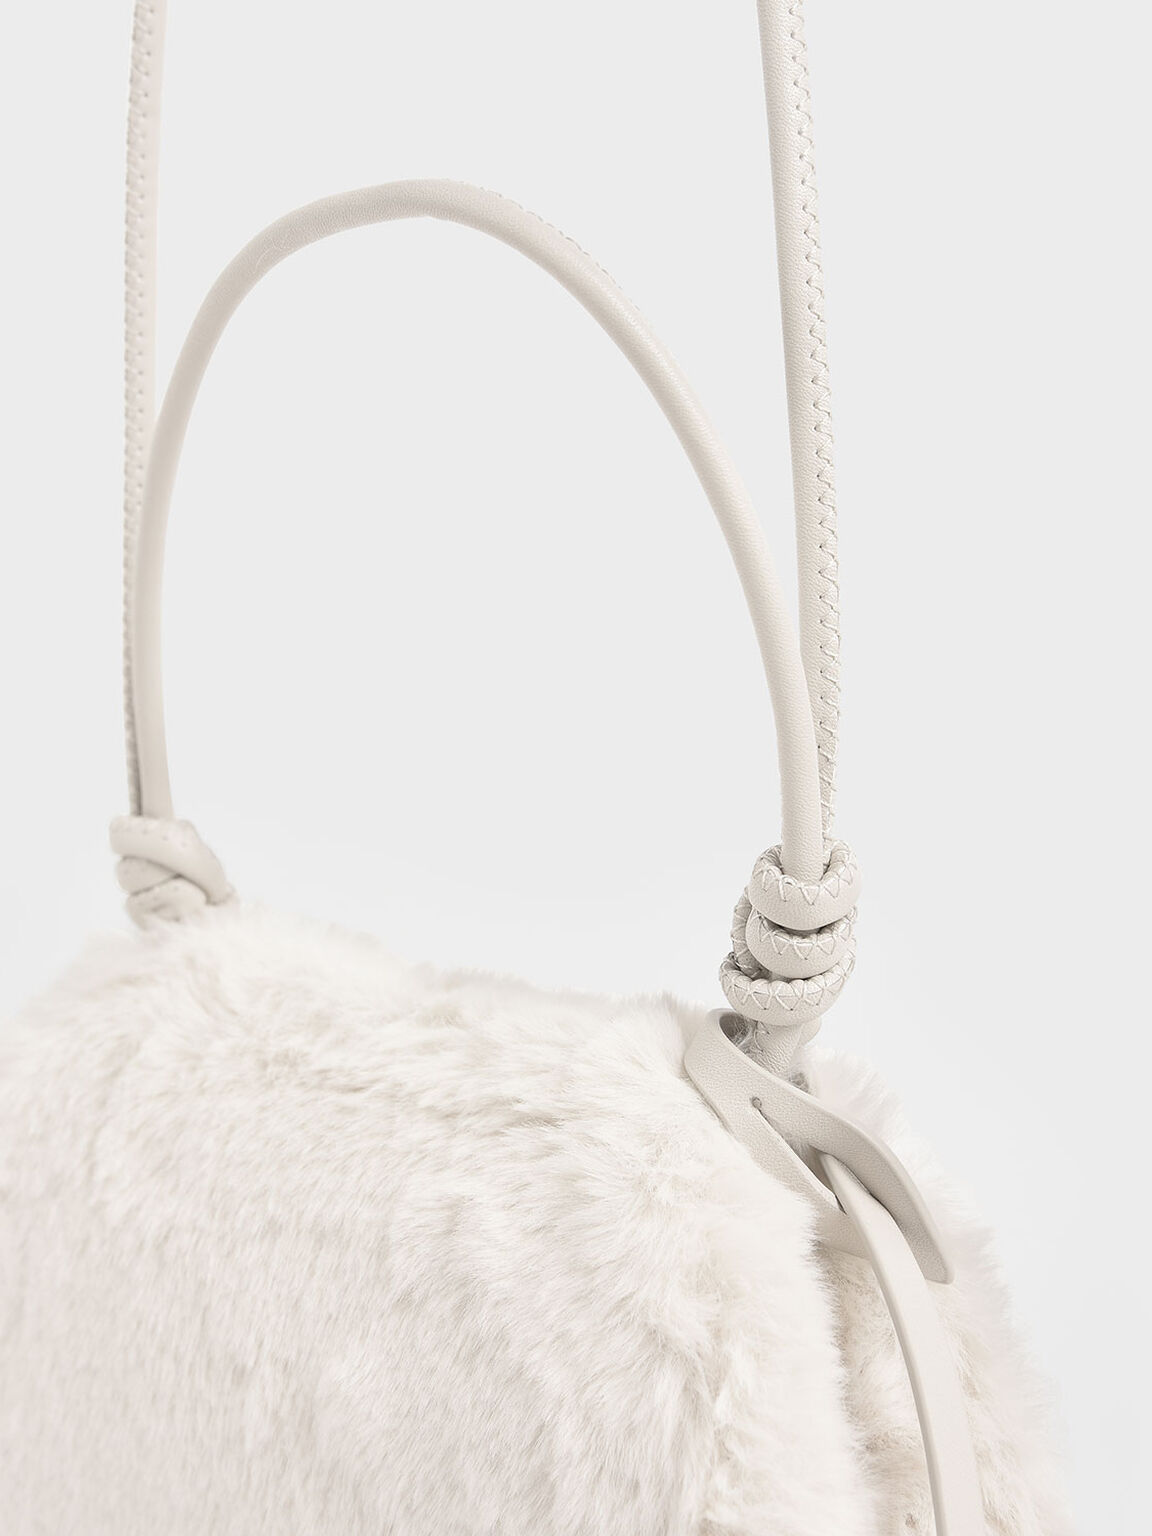 Textured Mini Crossbody Bag, Cream, hi-res